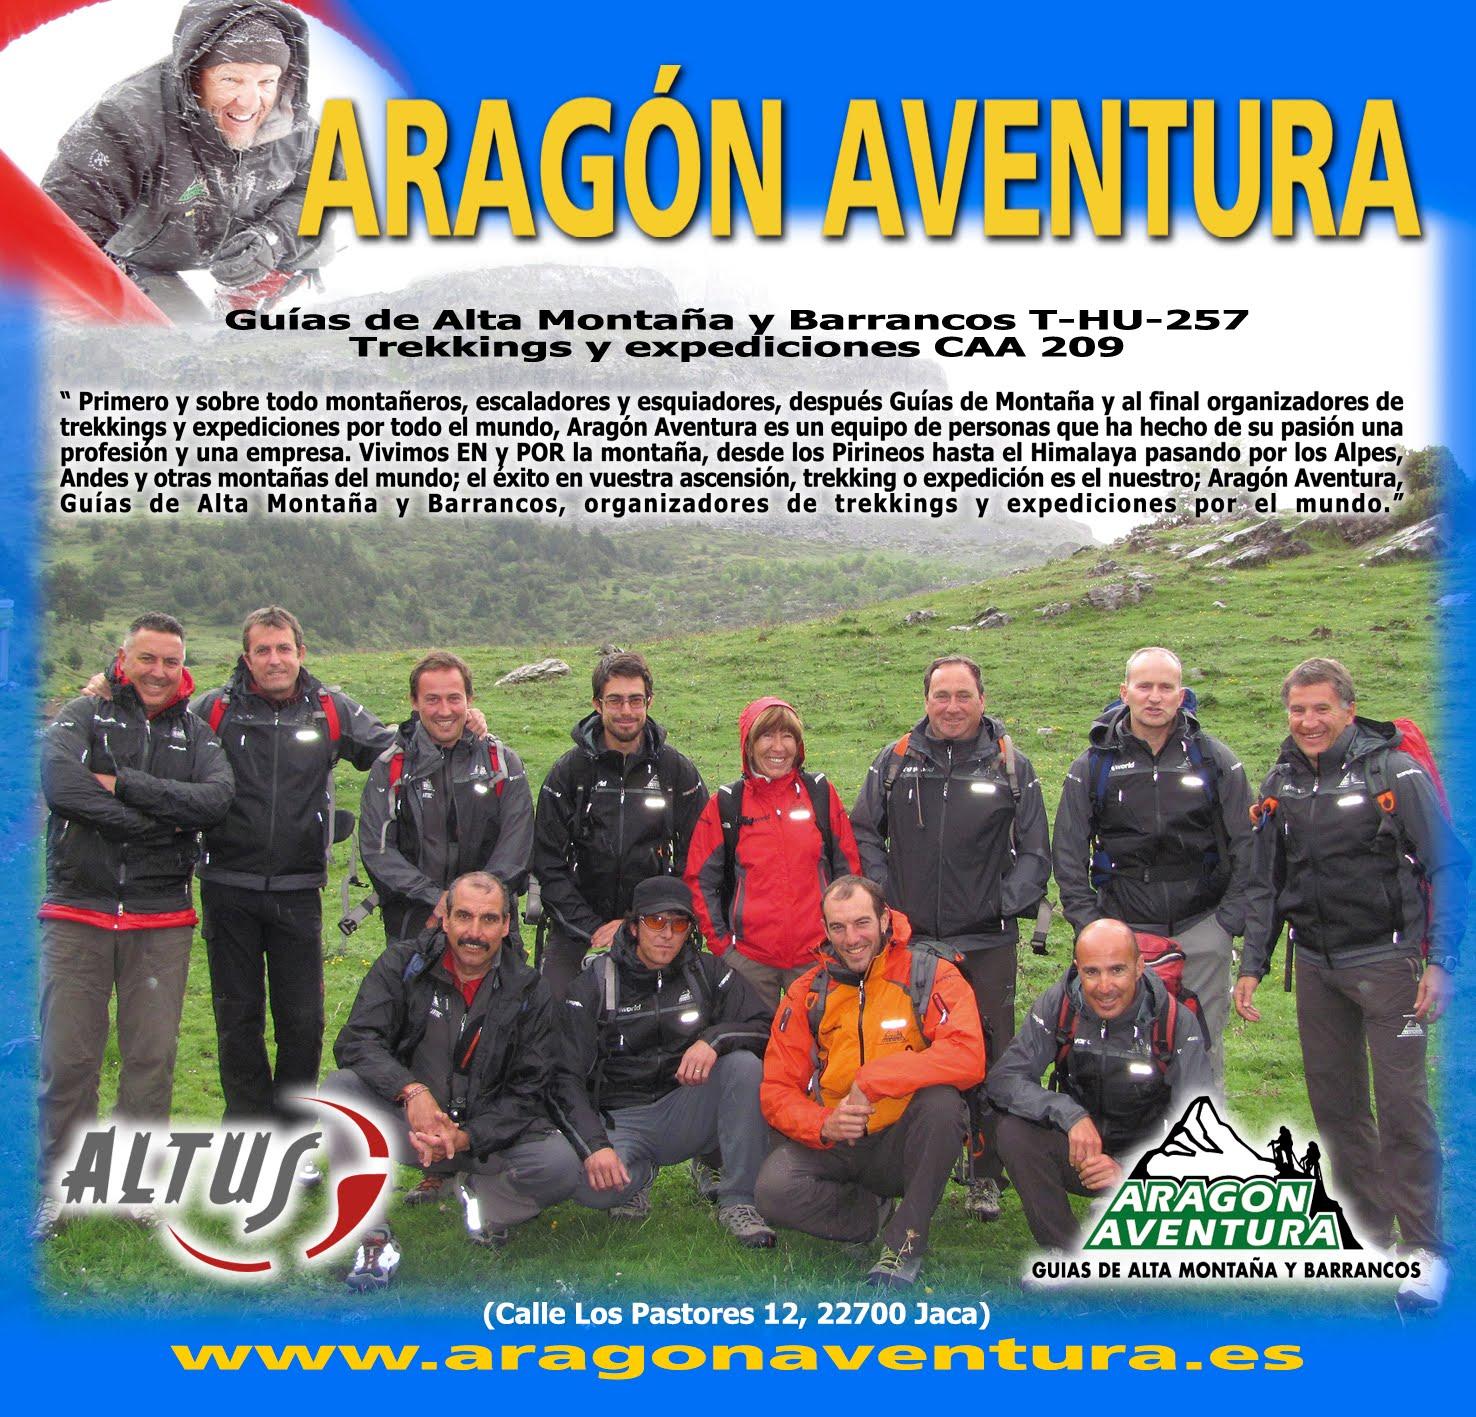 Aragón Aventura